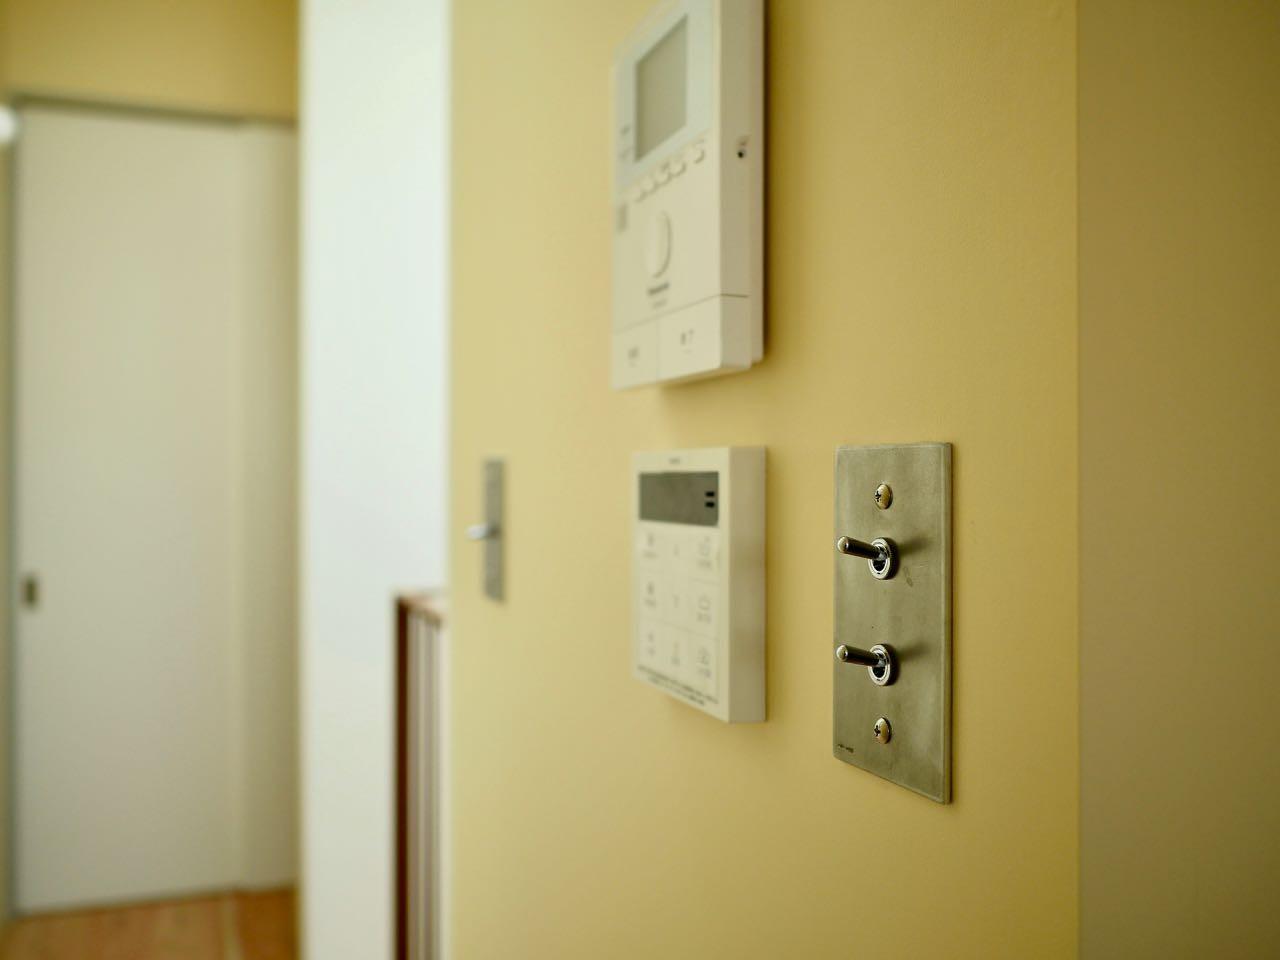 その他事例:3階廊下.トグルスイッチ(阿倍野の住宅:大阪の狭小住宅 3階建て)